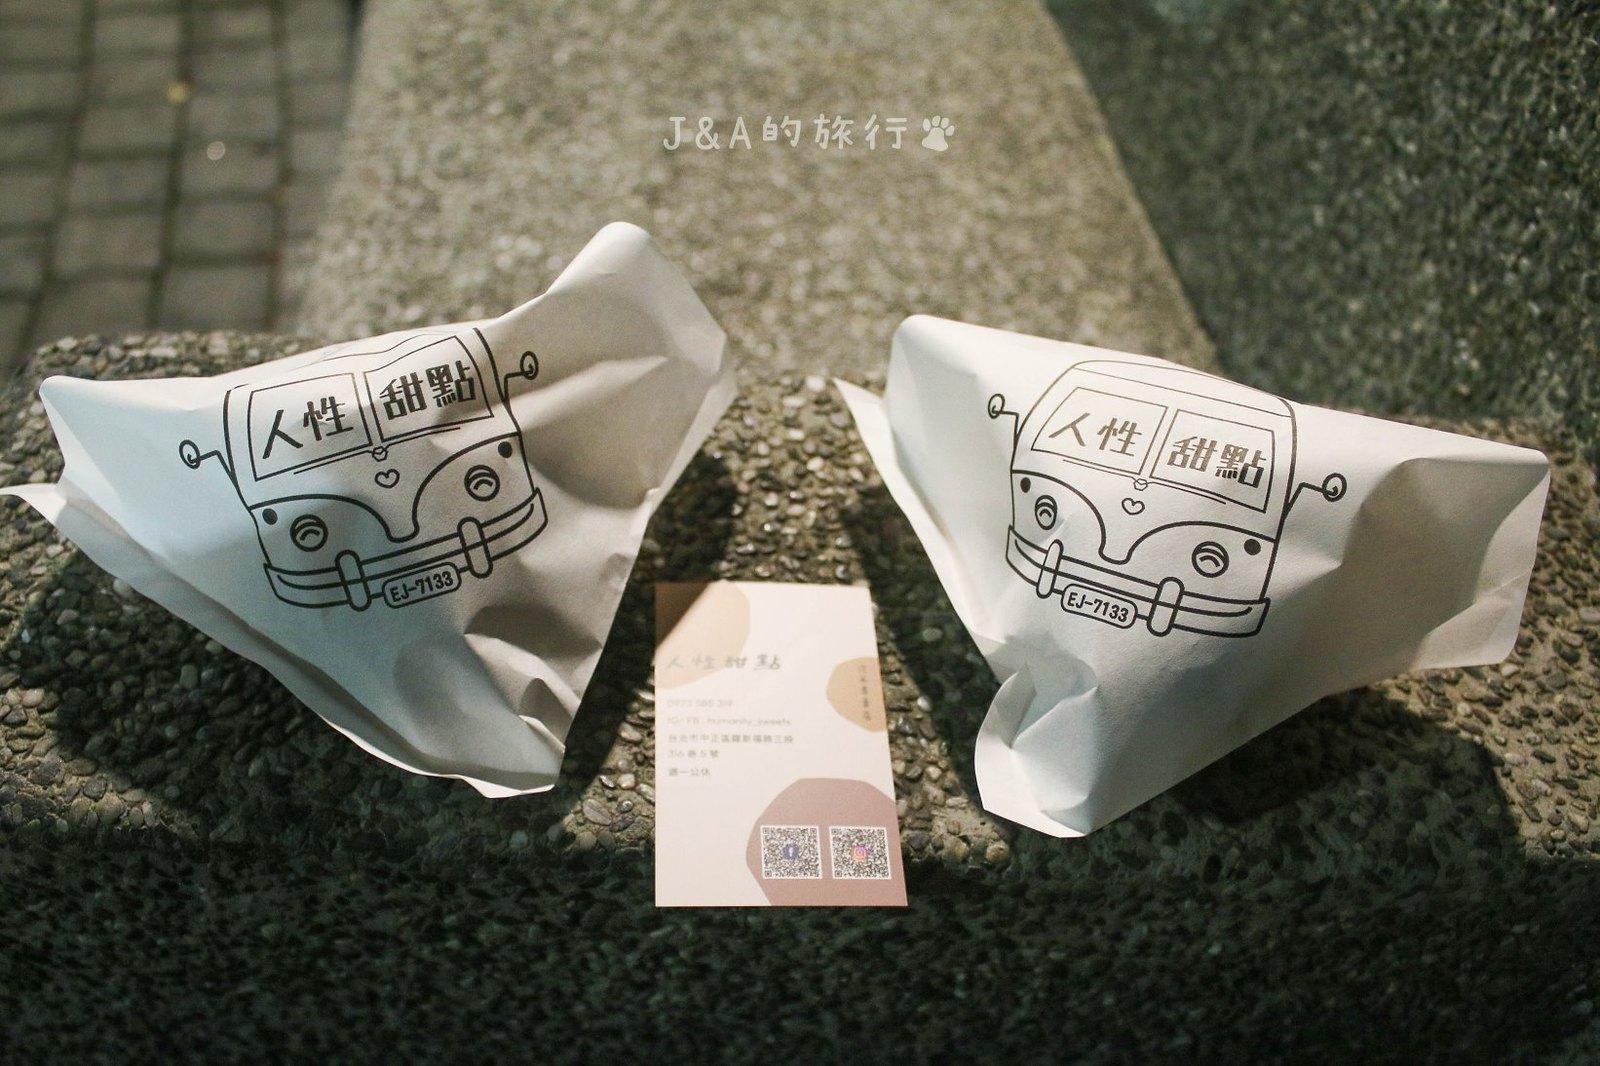 人性甜點泡芙專賣店 濃郁鮮奶茶珍珠搭配酥脆泡芙。【捷運公館美食/台大美食】 @J&A的旅行